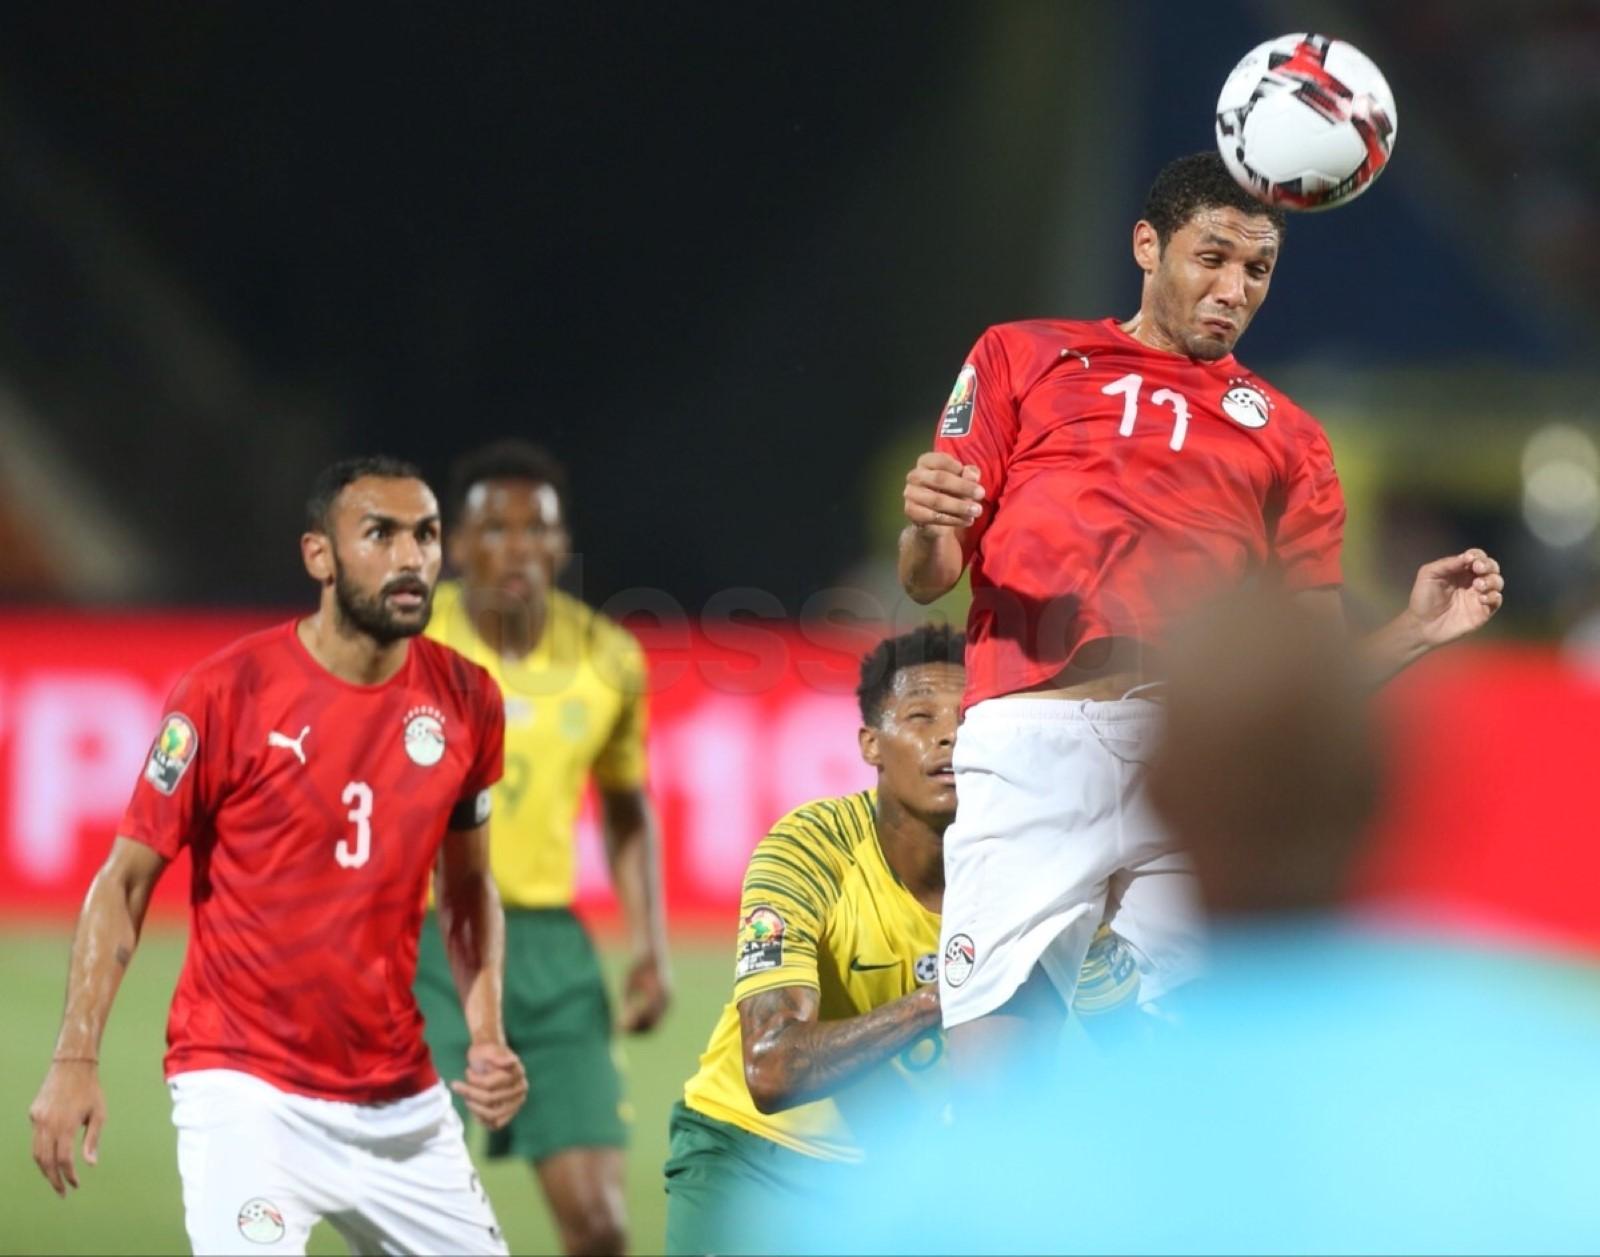 صور الشوط الثاني من مباراة المنتخب المصري وجنوب إفريقيا